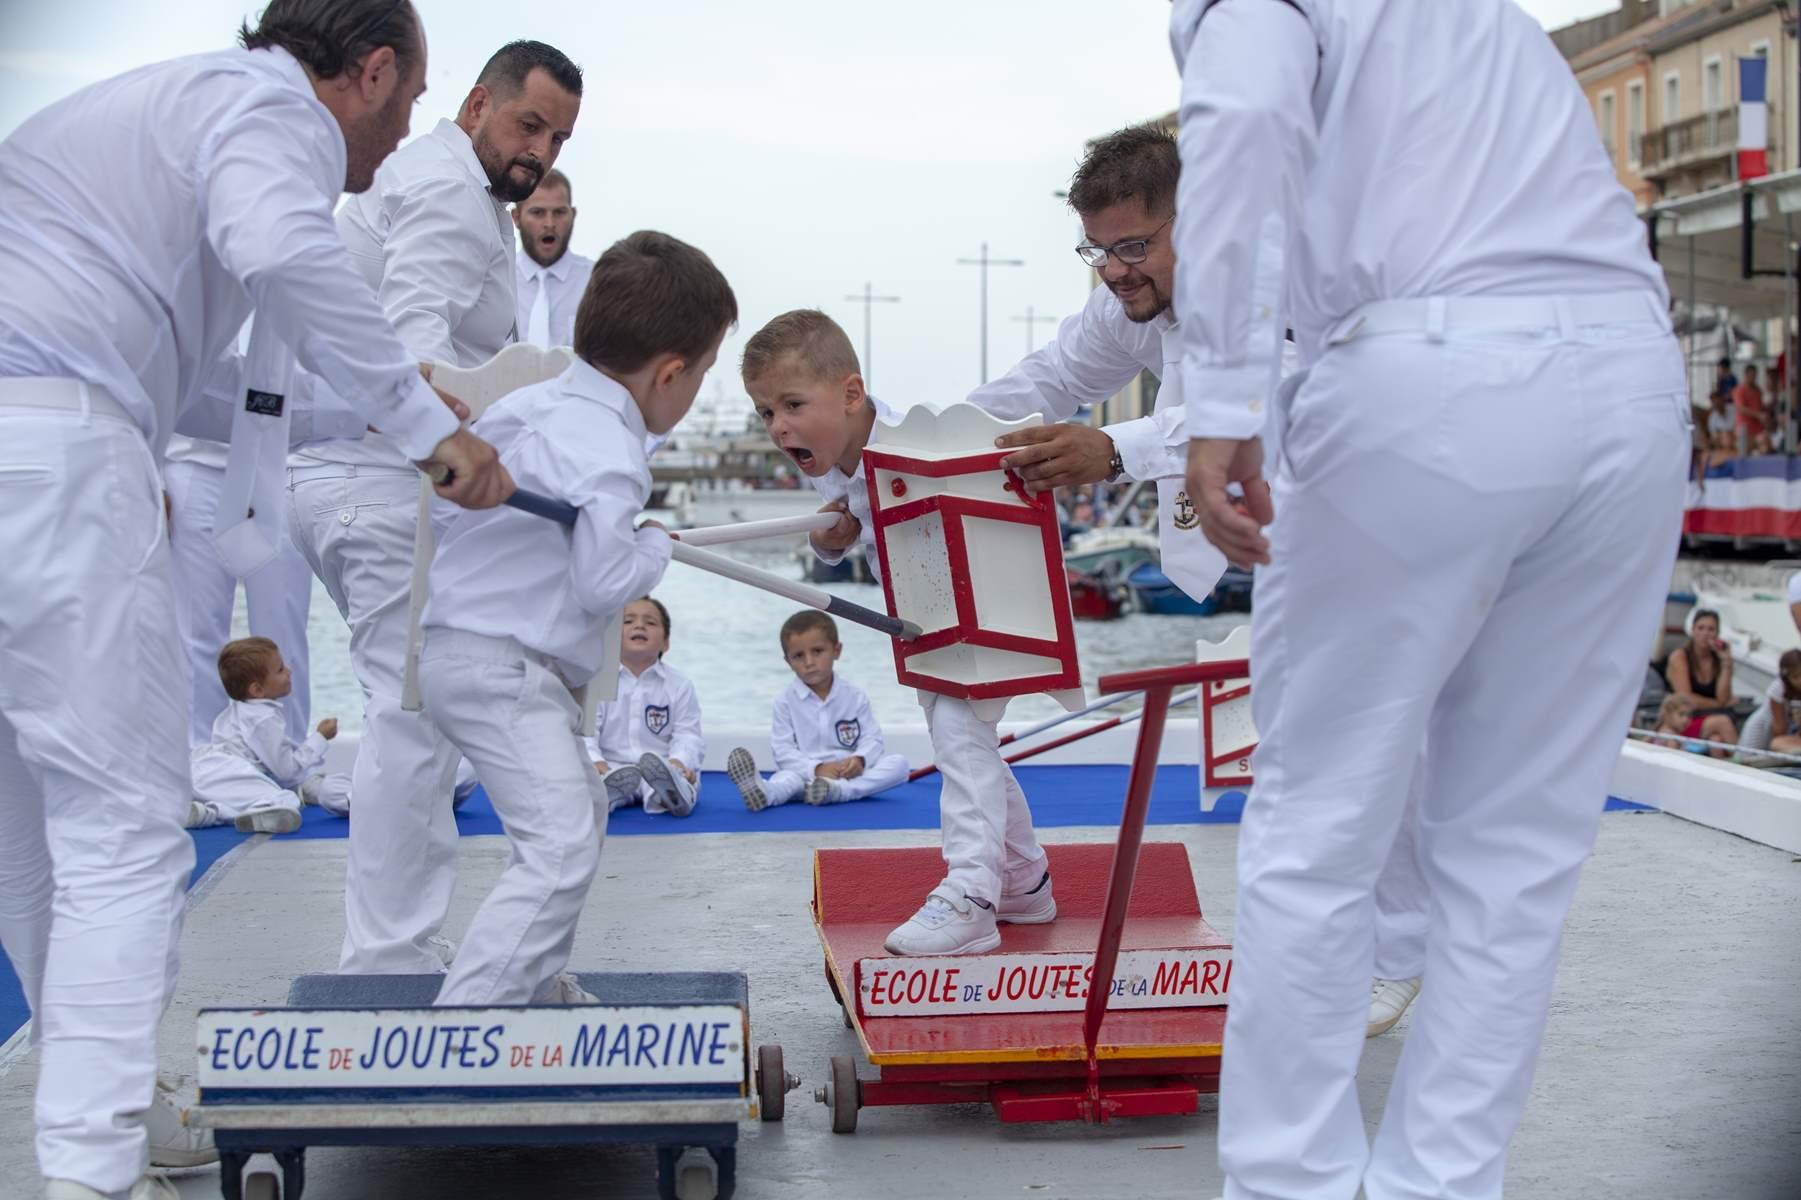 Petit Jouteur Chariot 69